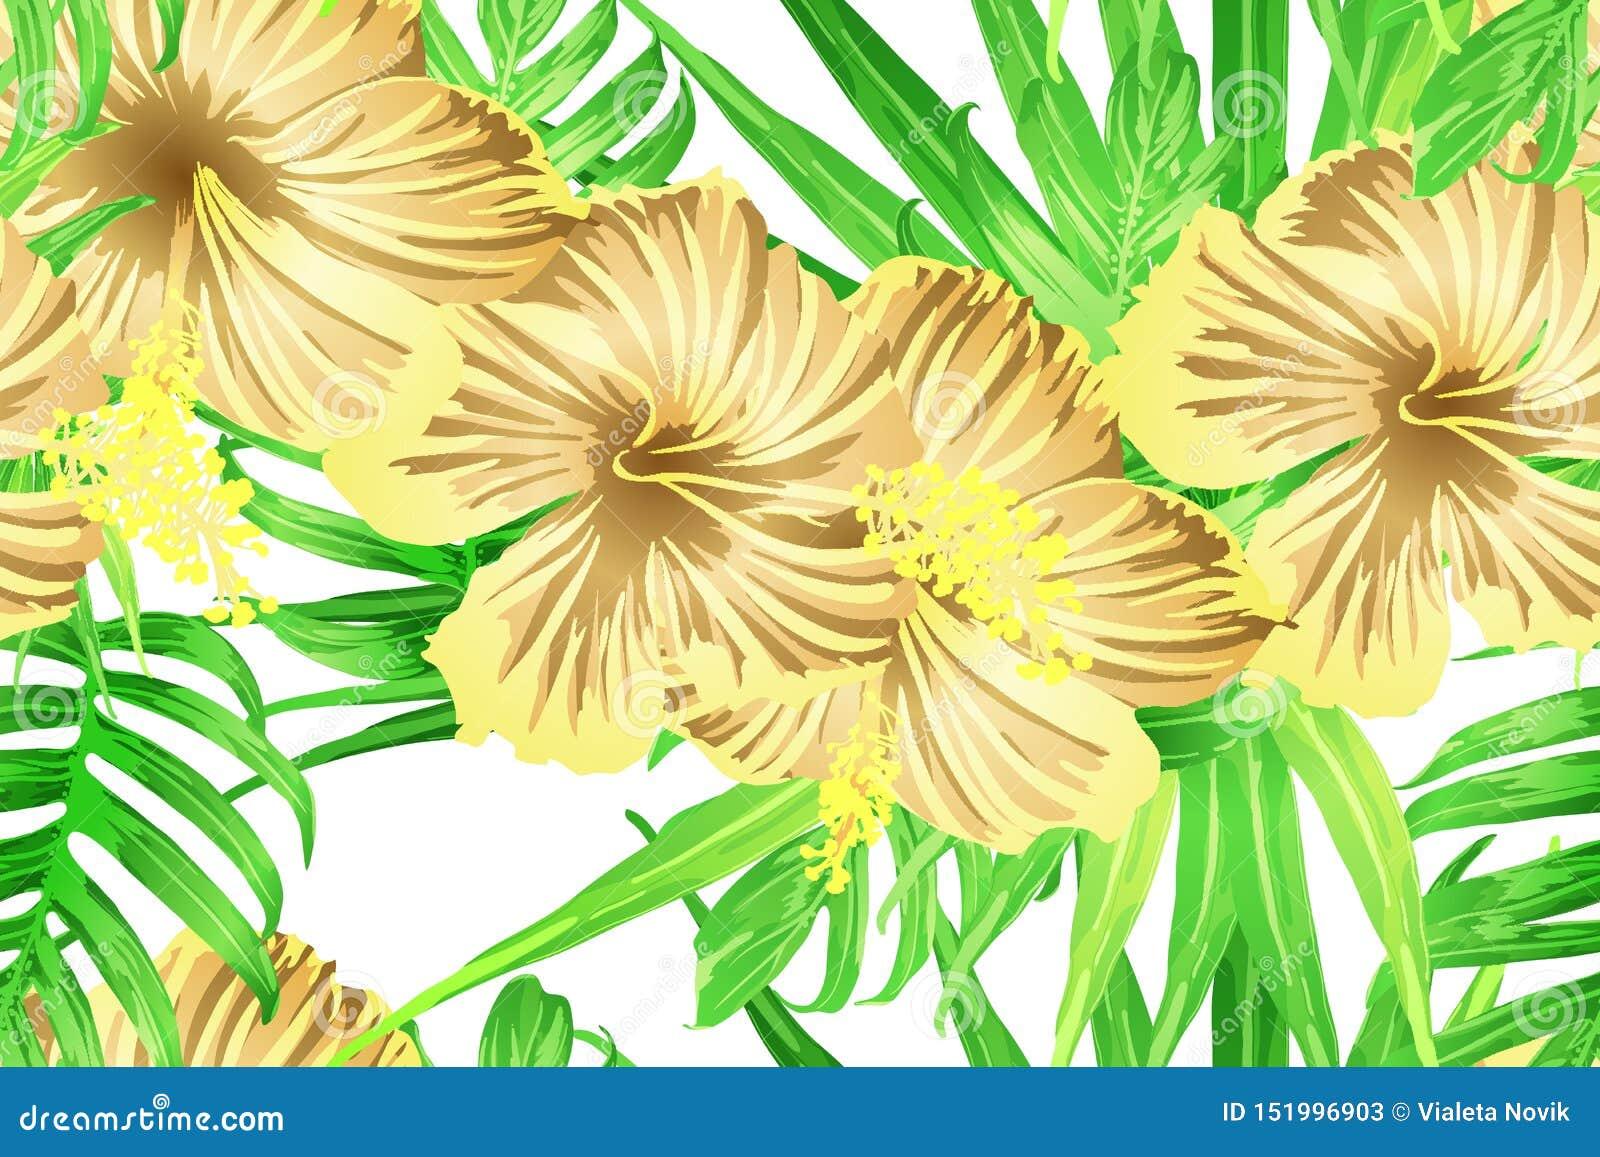 Groen geel exotisch patroon